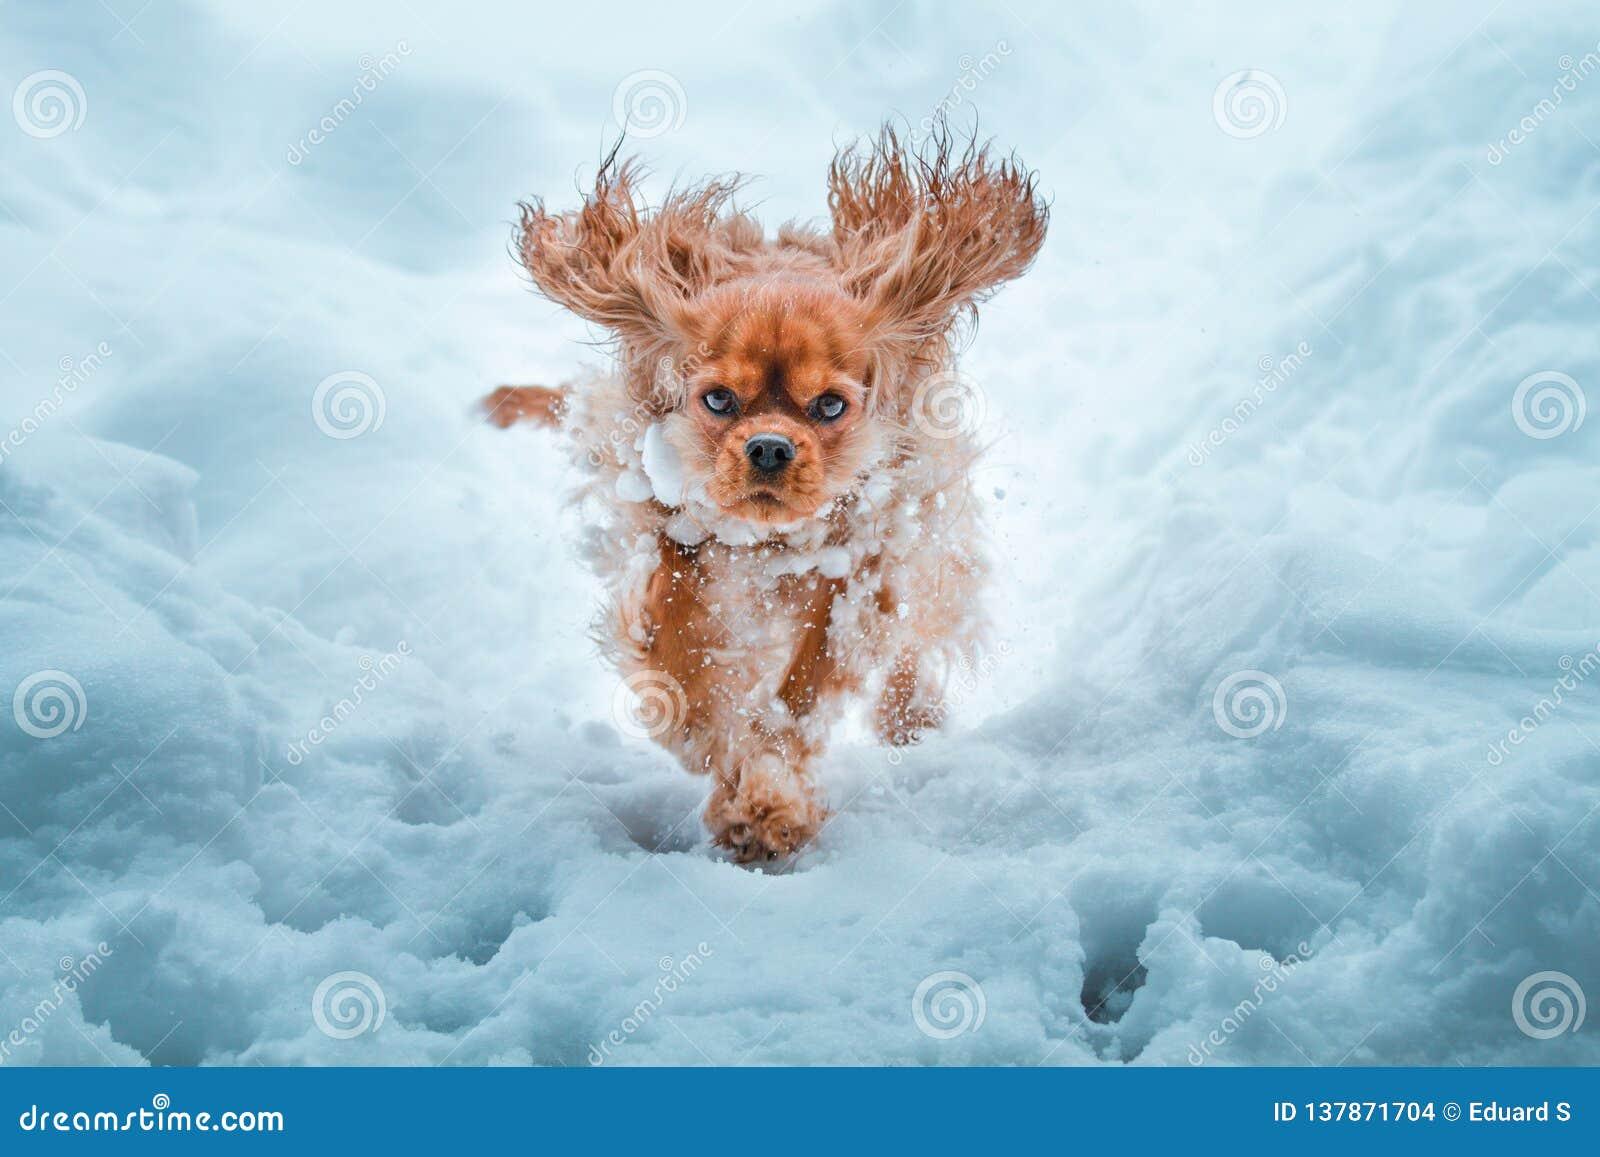 Runnung arrogante del perro de rey Charles Spaniel en invierno